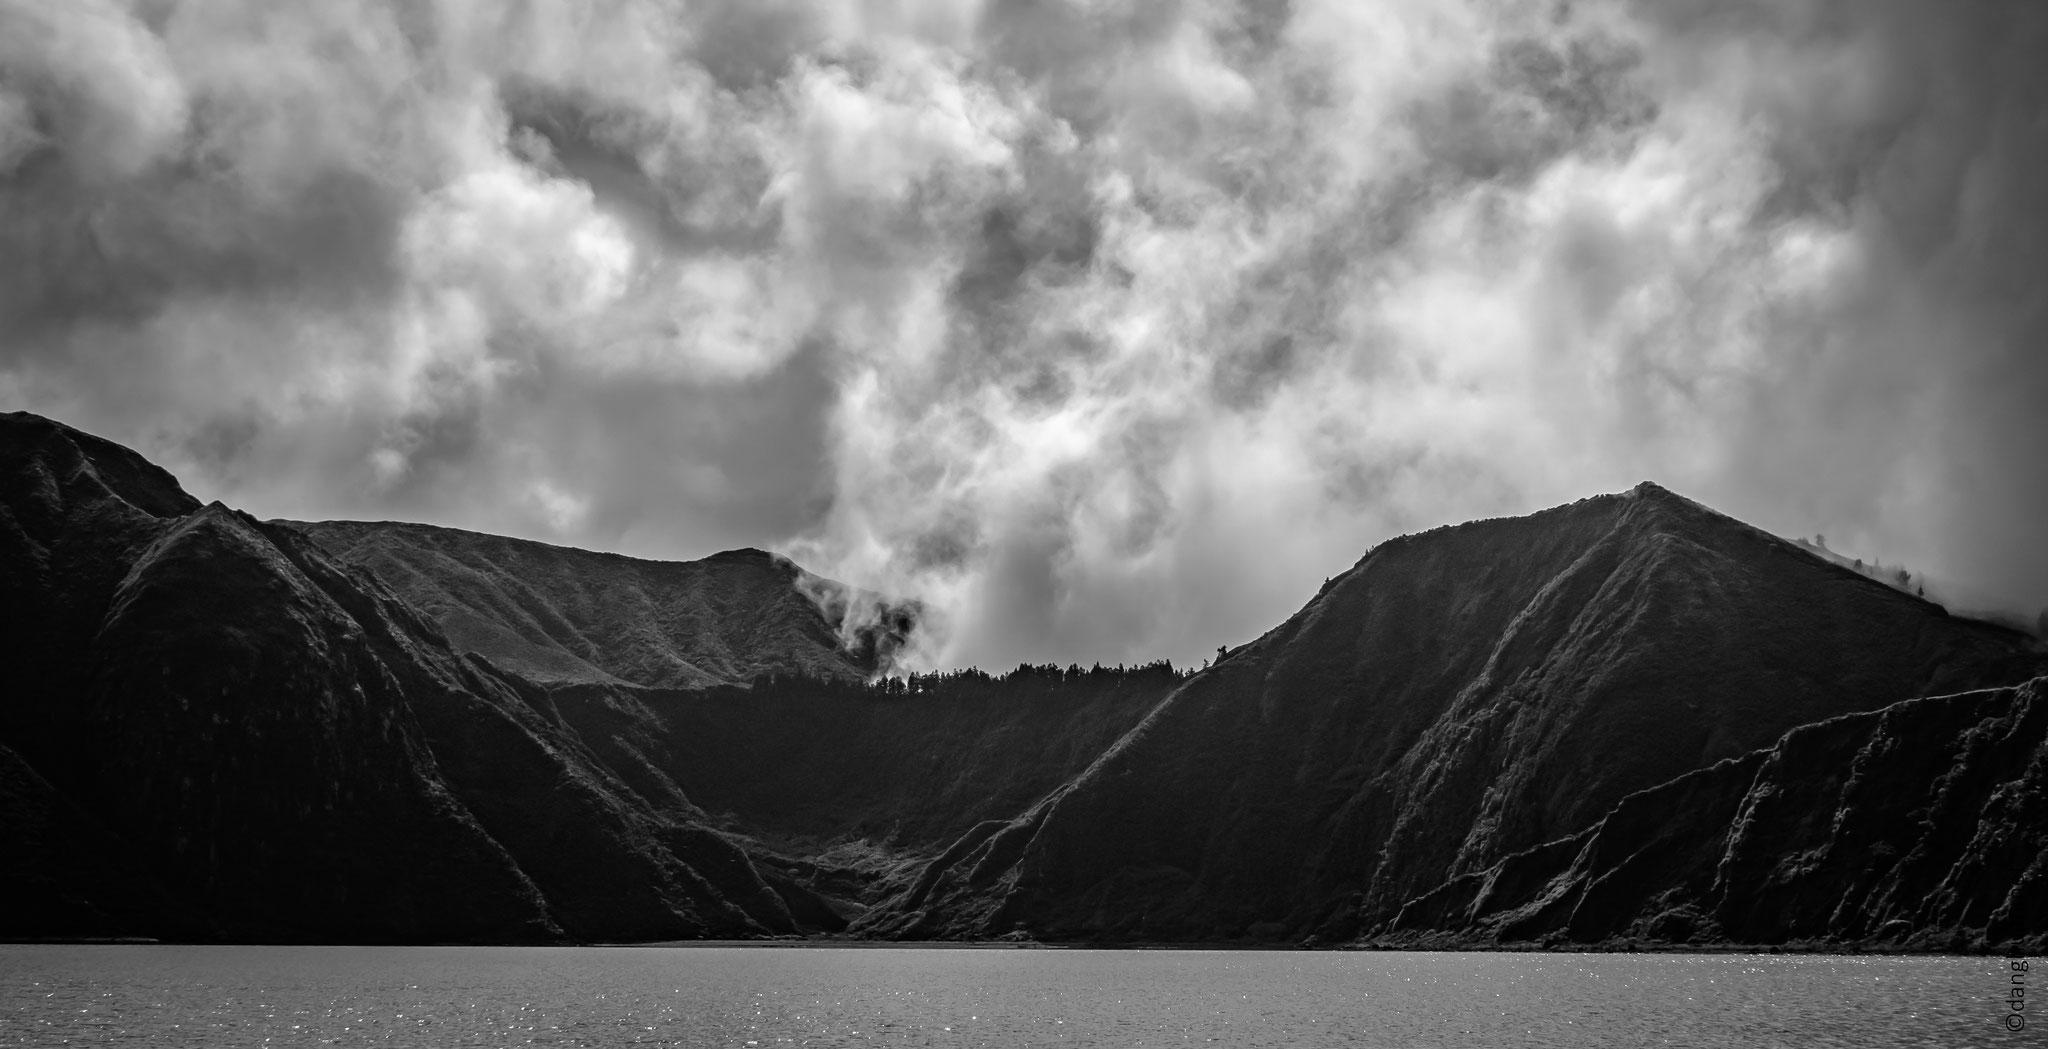 Lago do Fogo - randonnée autour du lac